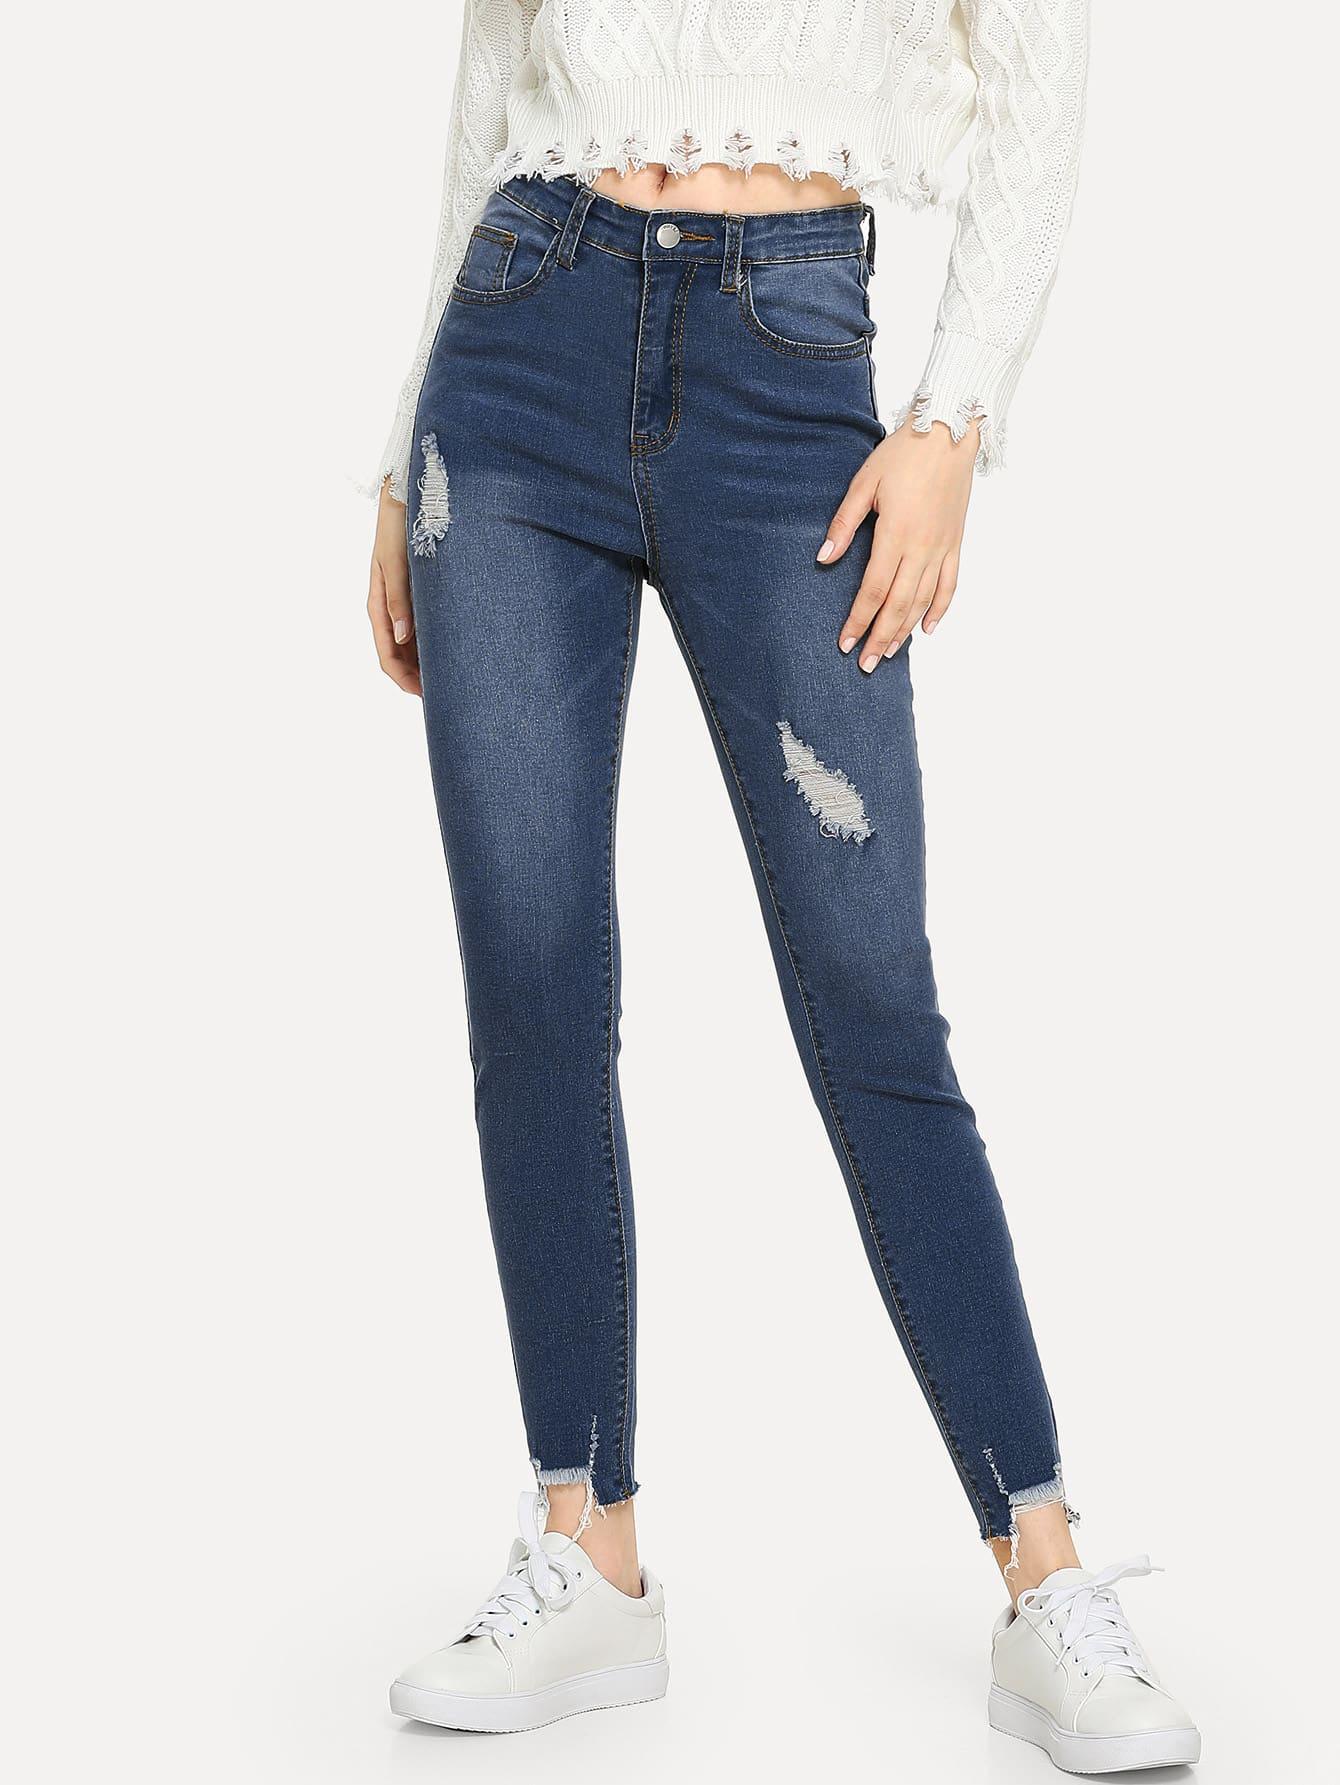 Купить Рваные джинсы с необработанным краем, Jana, SheIn